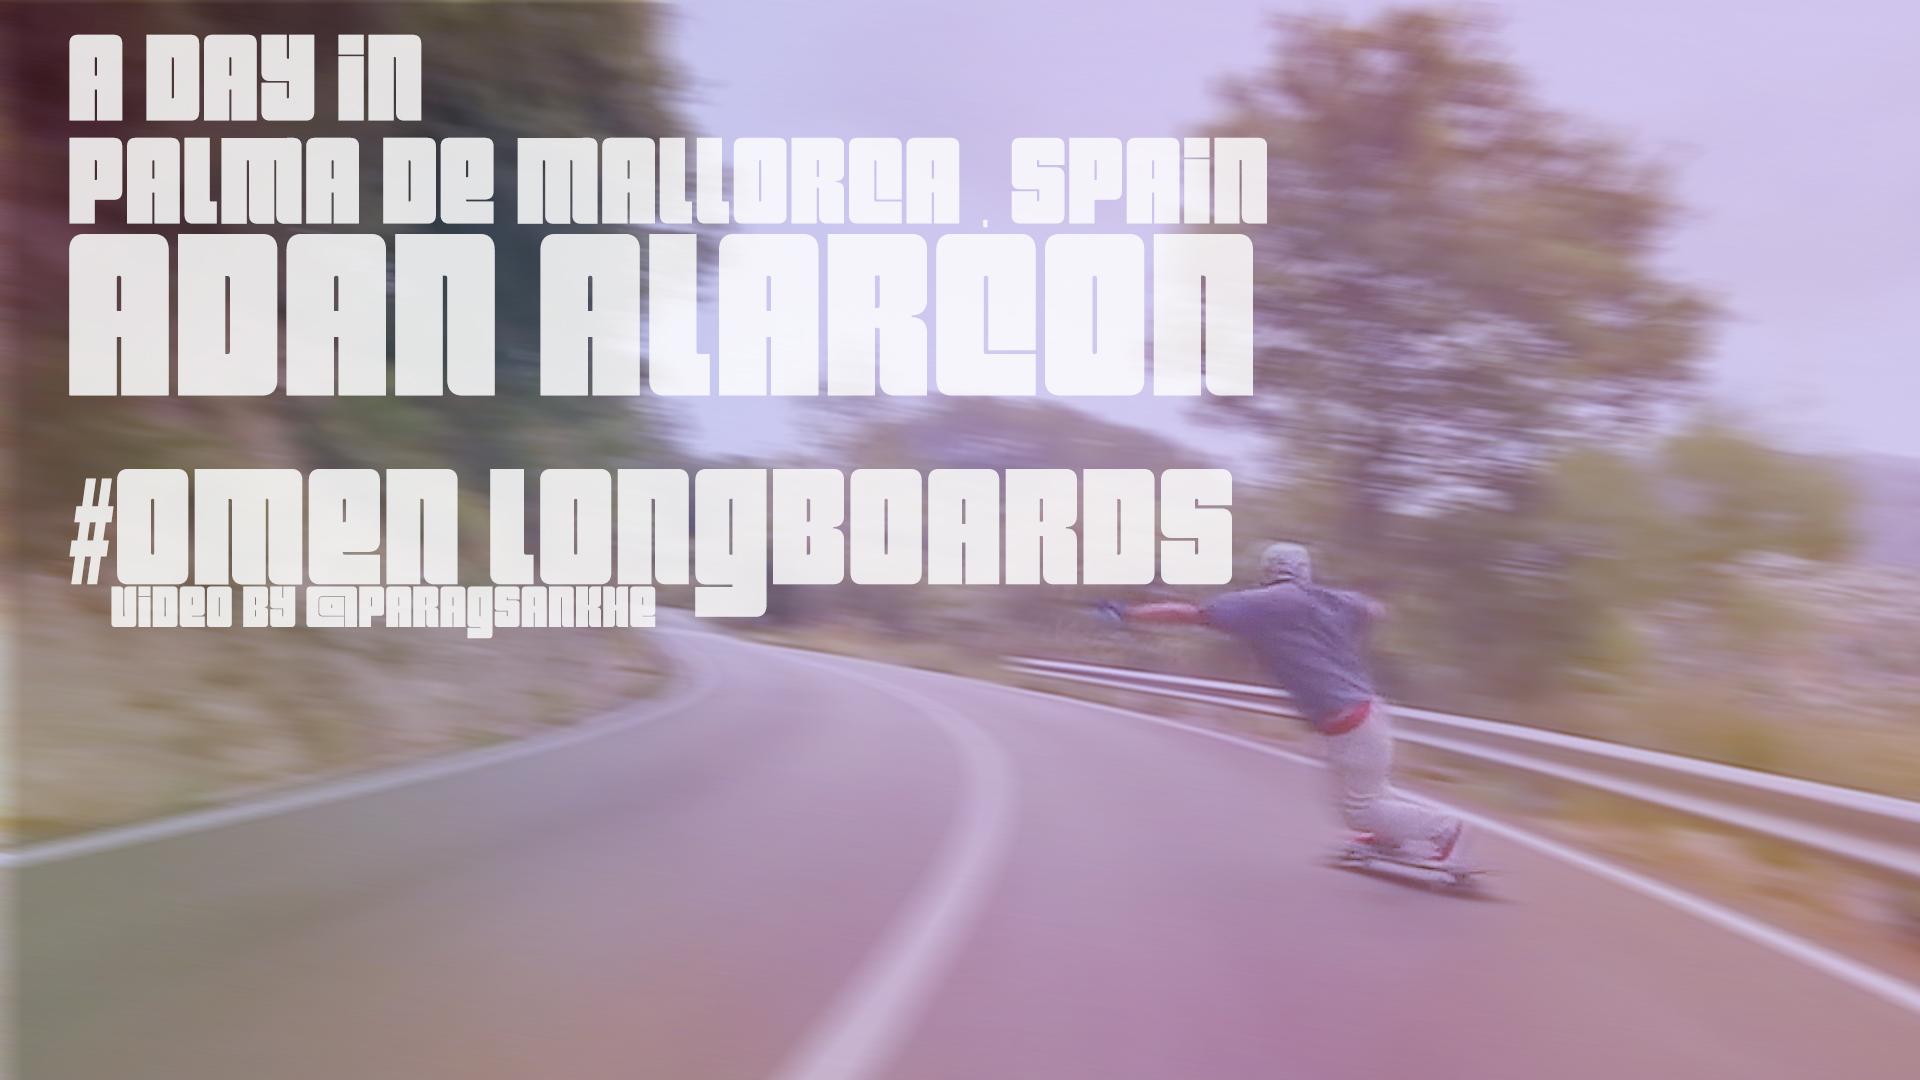 Longboard skateboarding / Adan Alarcon / Omen Longboards